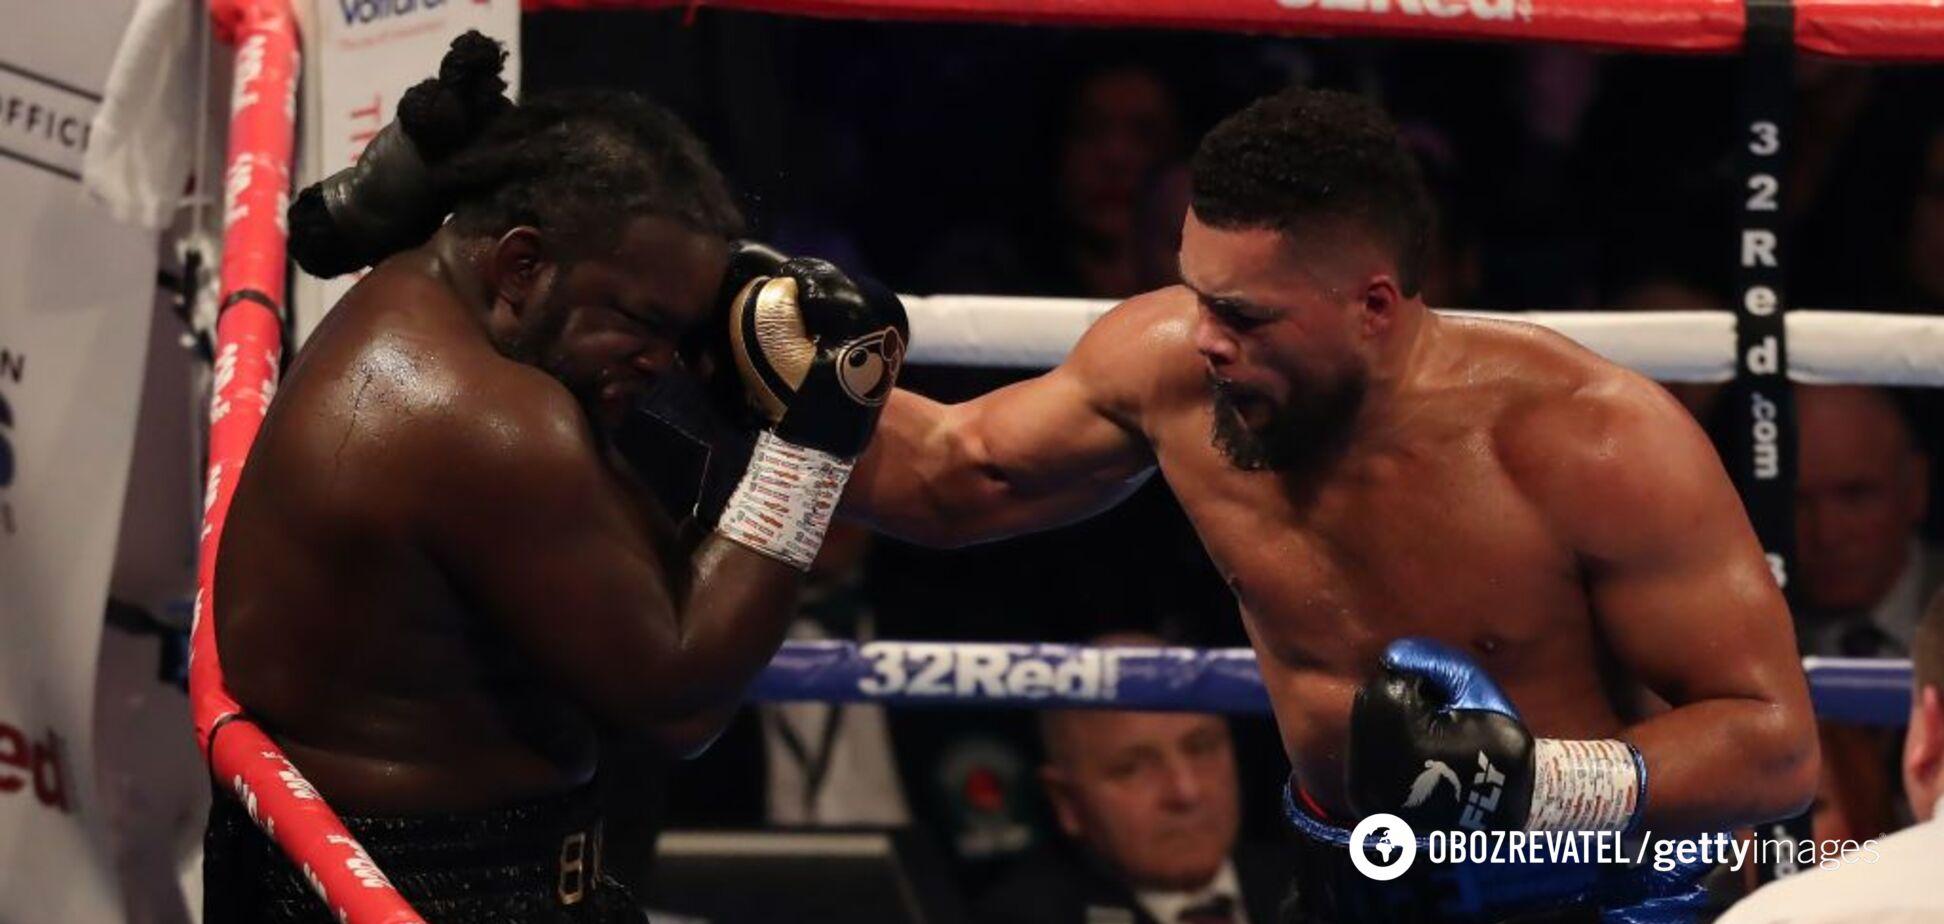 Экс-чемпиона мира по боксу забили в титульном бою - опубликовано видео